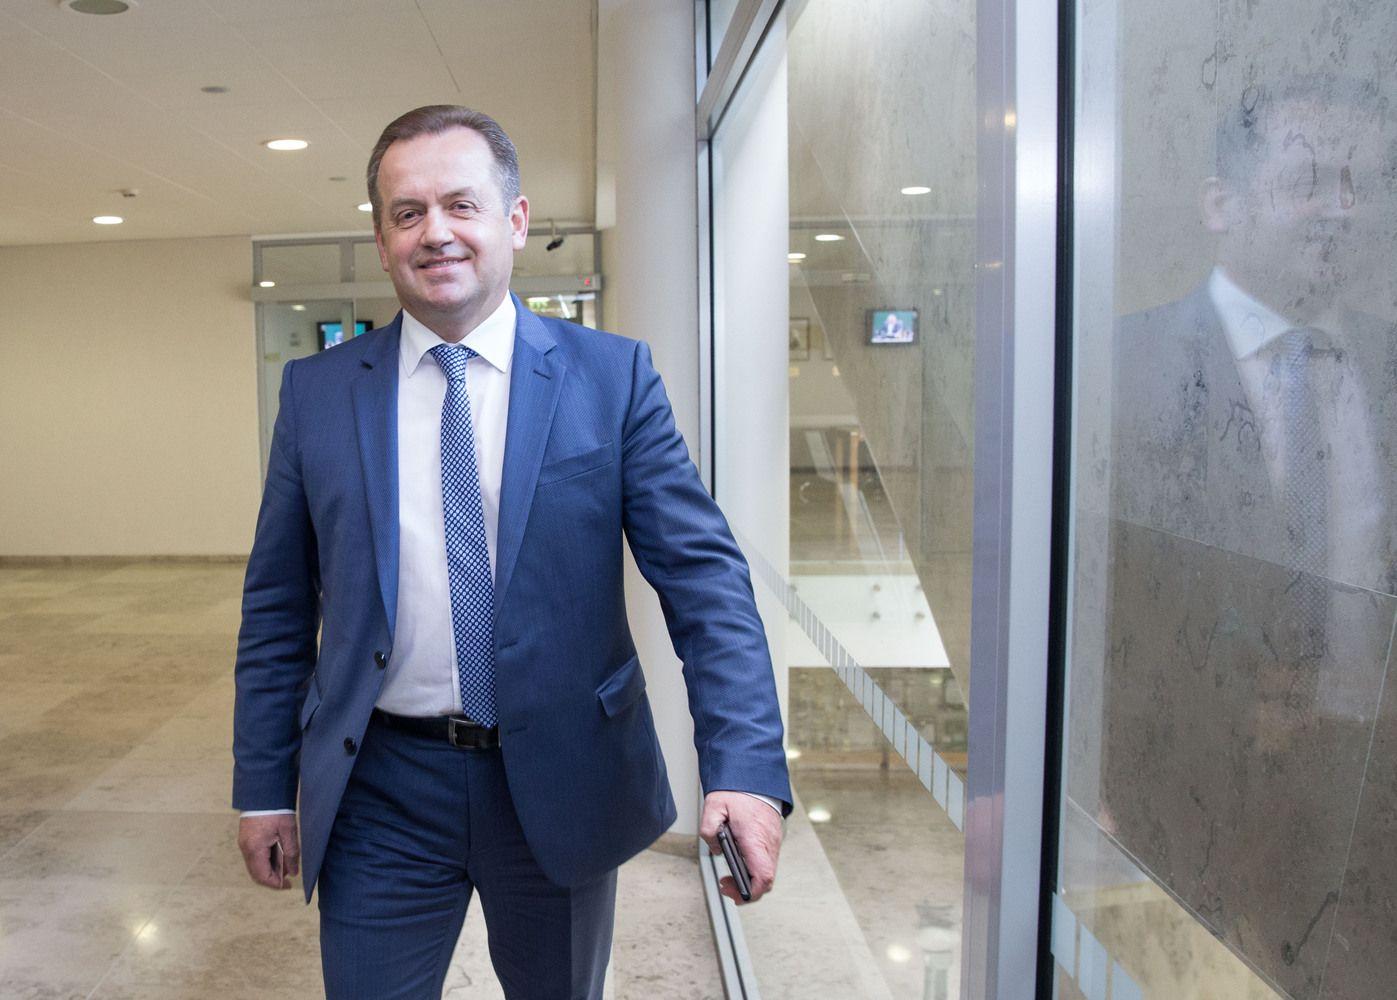 Socialdemokratai dėl Skardžiaus kreipėsi į Antikorupcijos komisiją